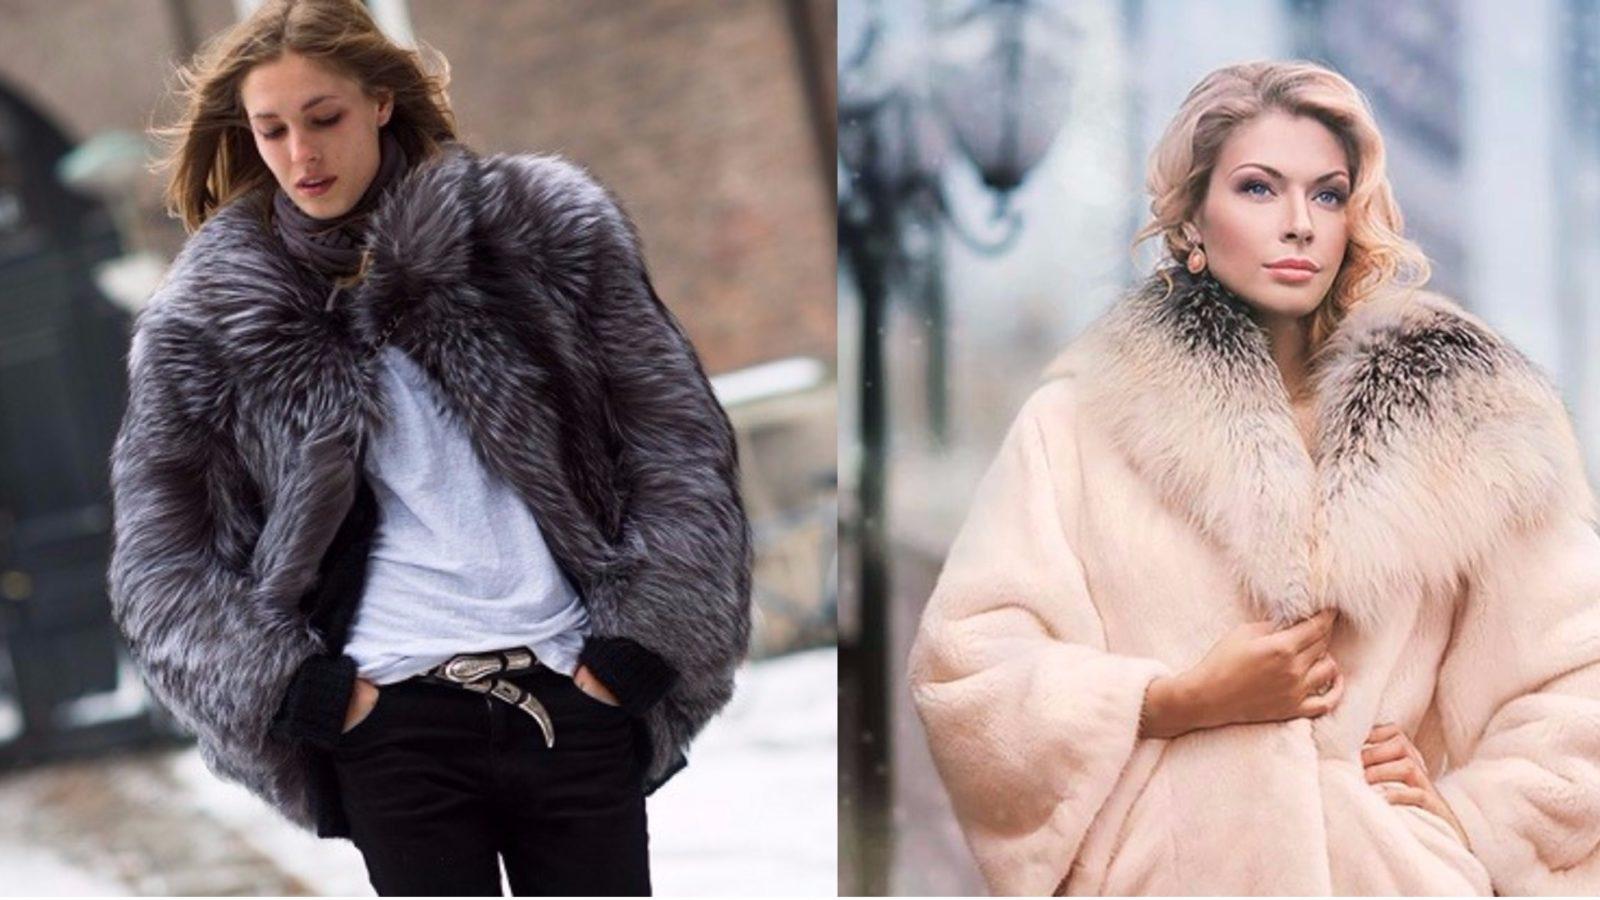 модные женские <em>модные Женские Шубы 2018 года</em> шубы зима осень 2018 2019